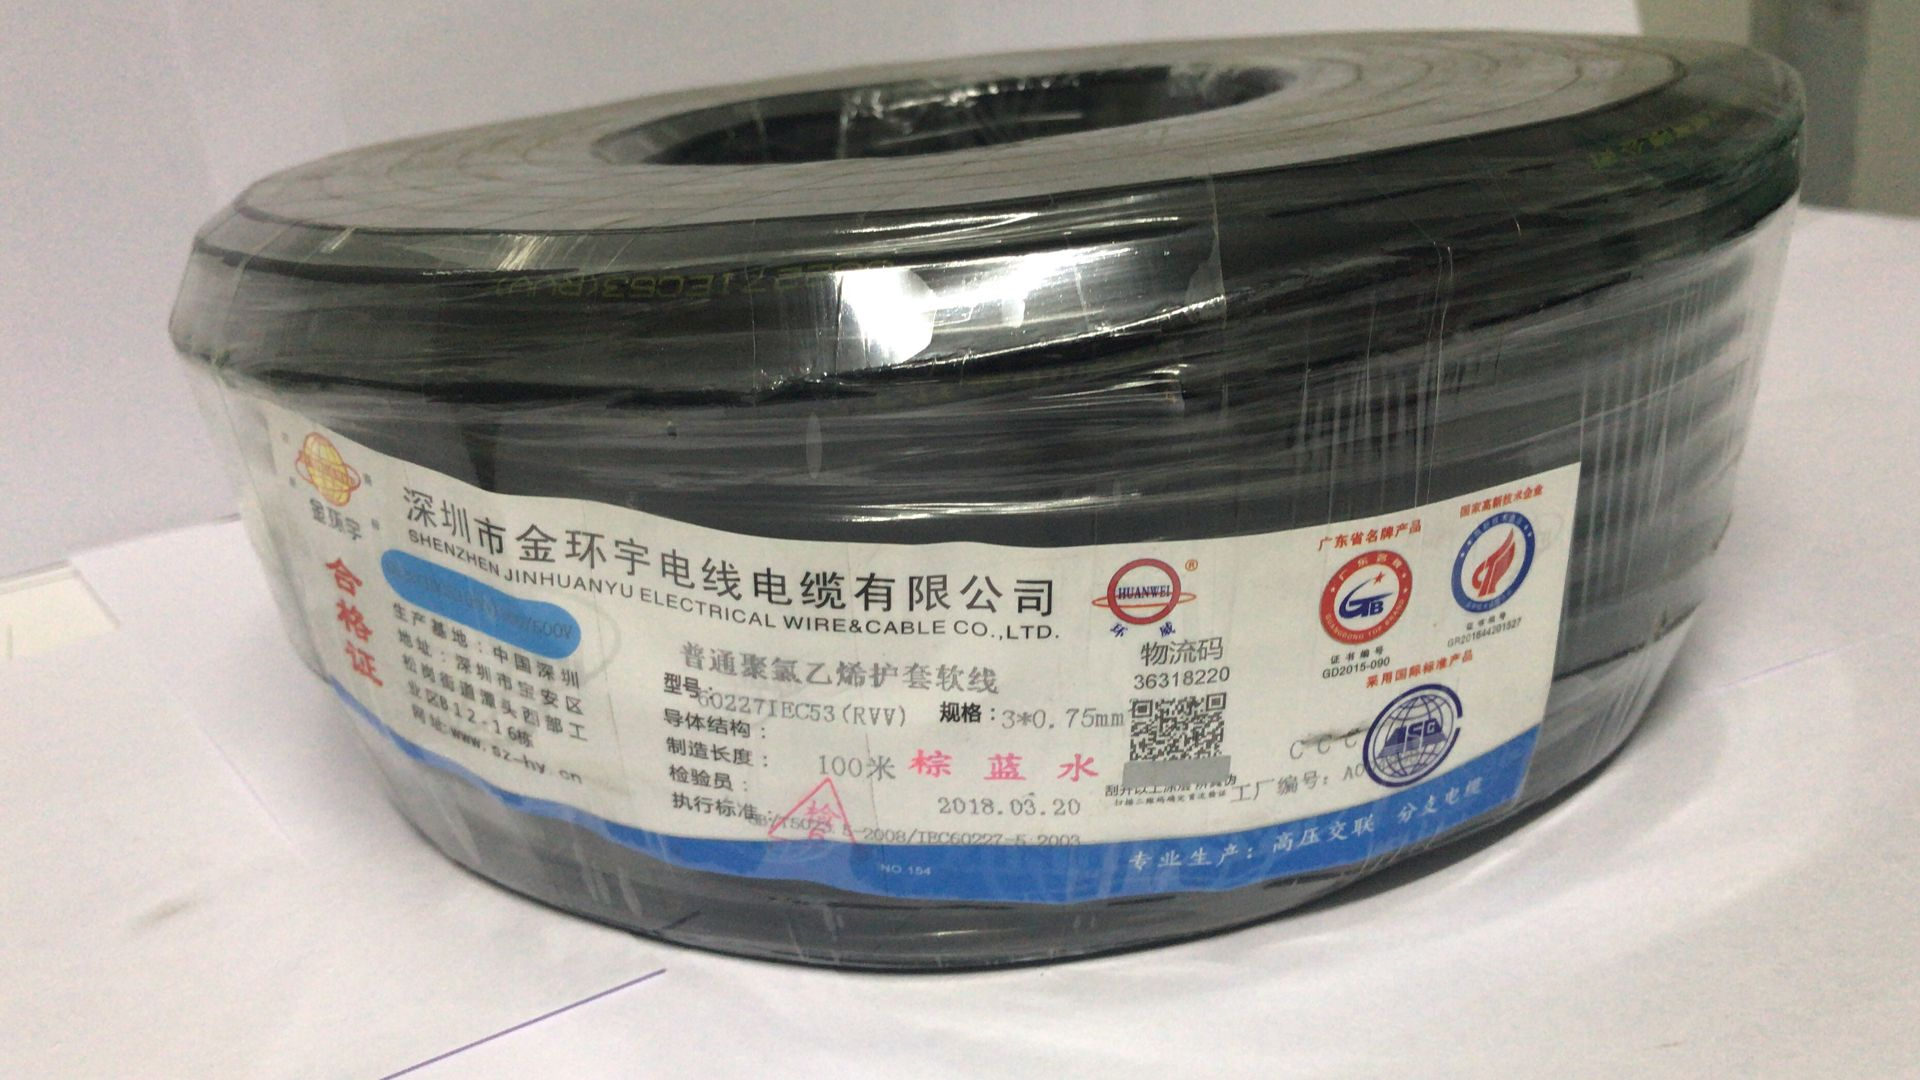 金环宇电线电缆:阻燃电线电缆的种类